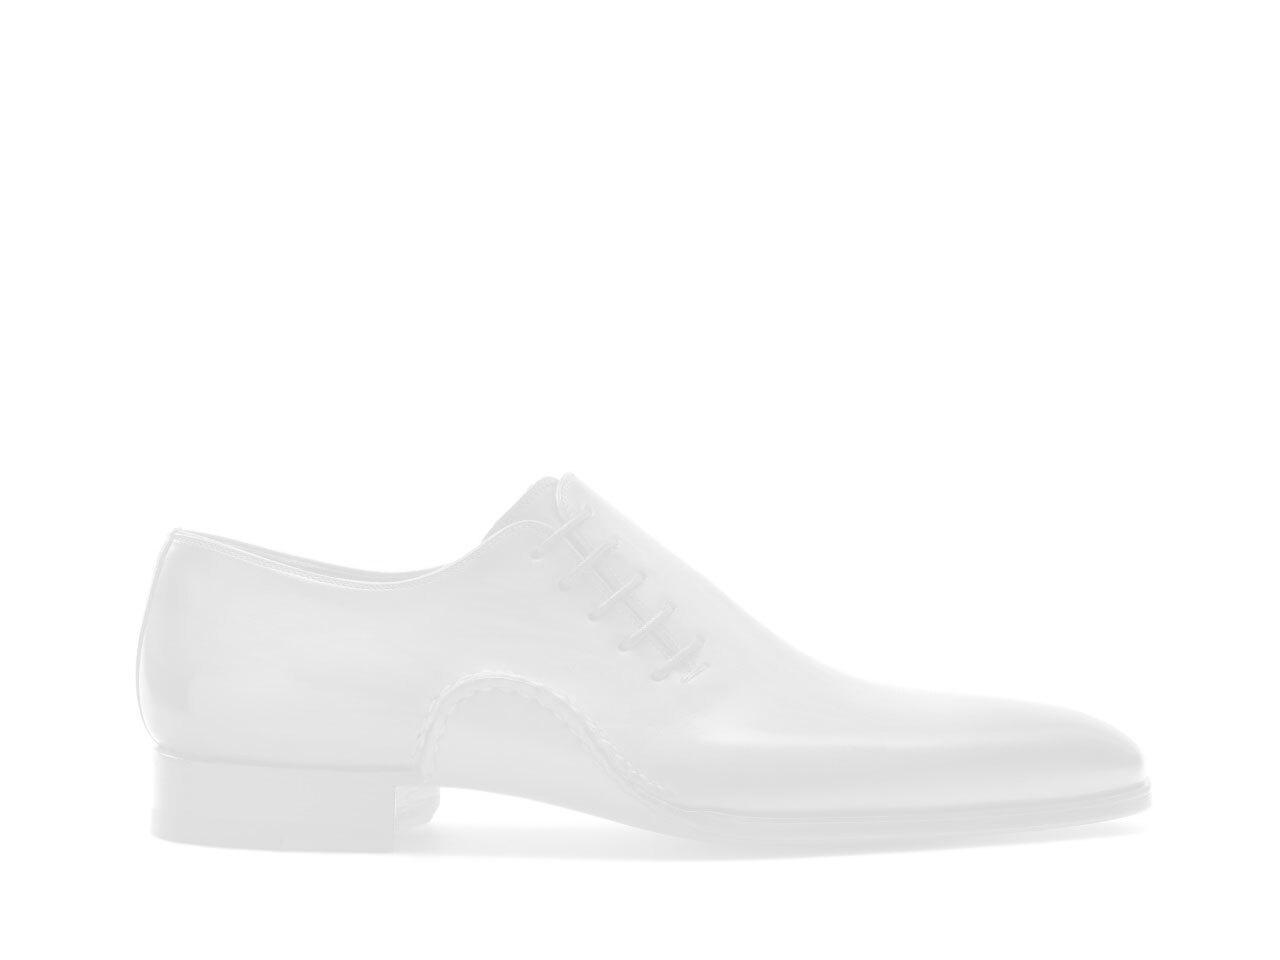 Sole of the Magnanni Corey Black Men's Oxford Shoes